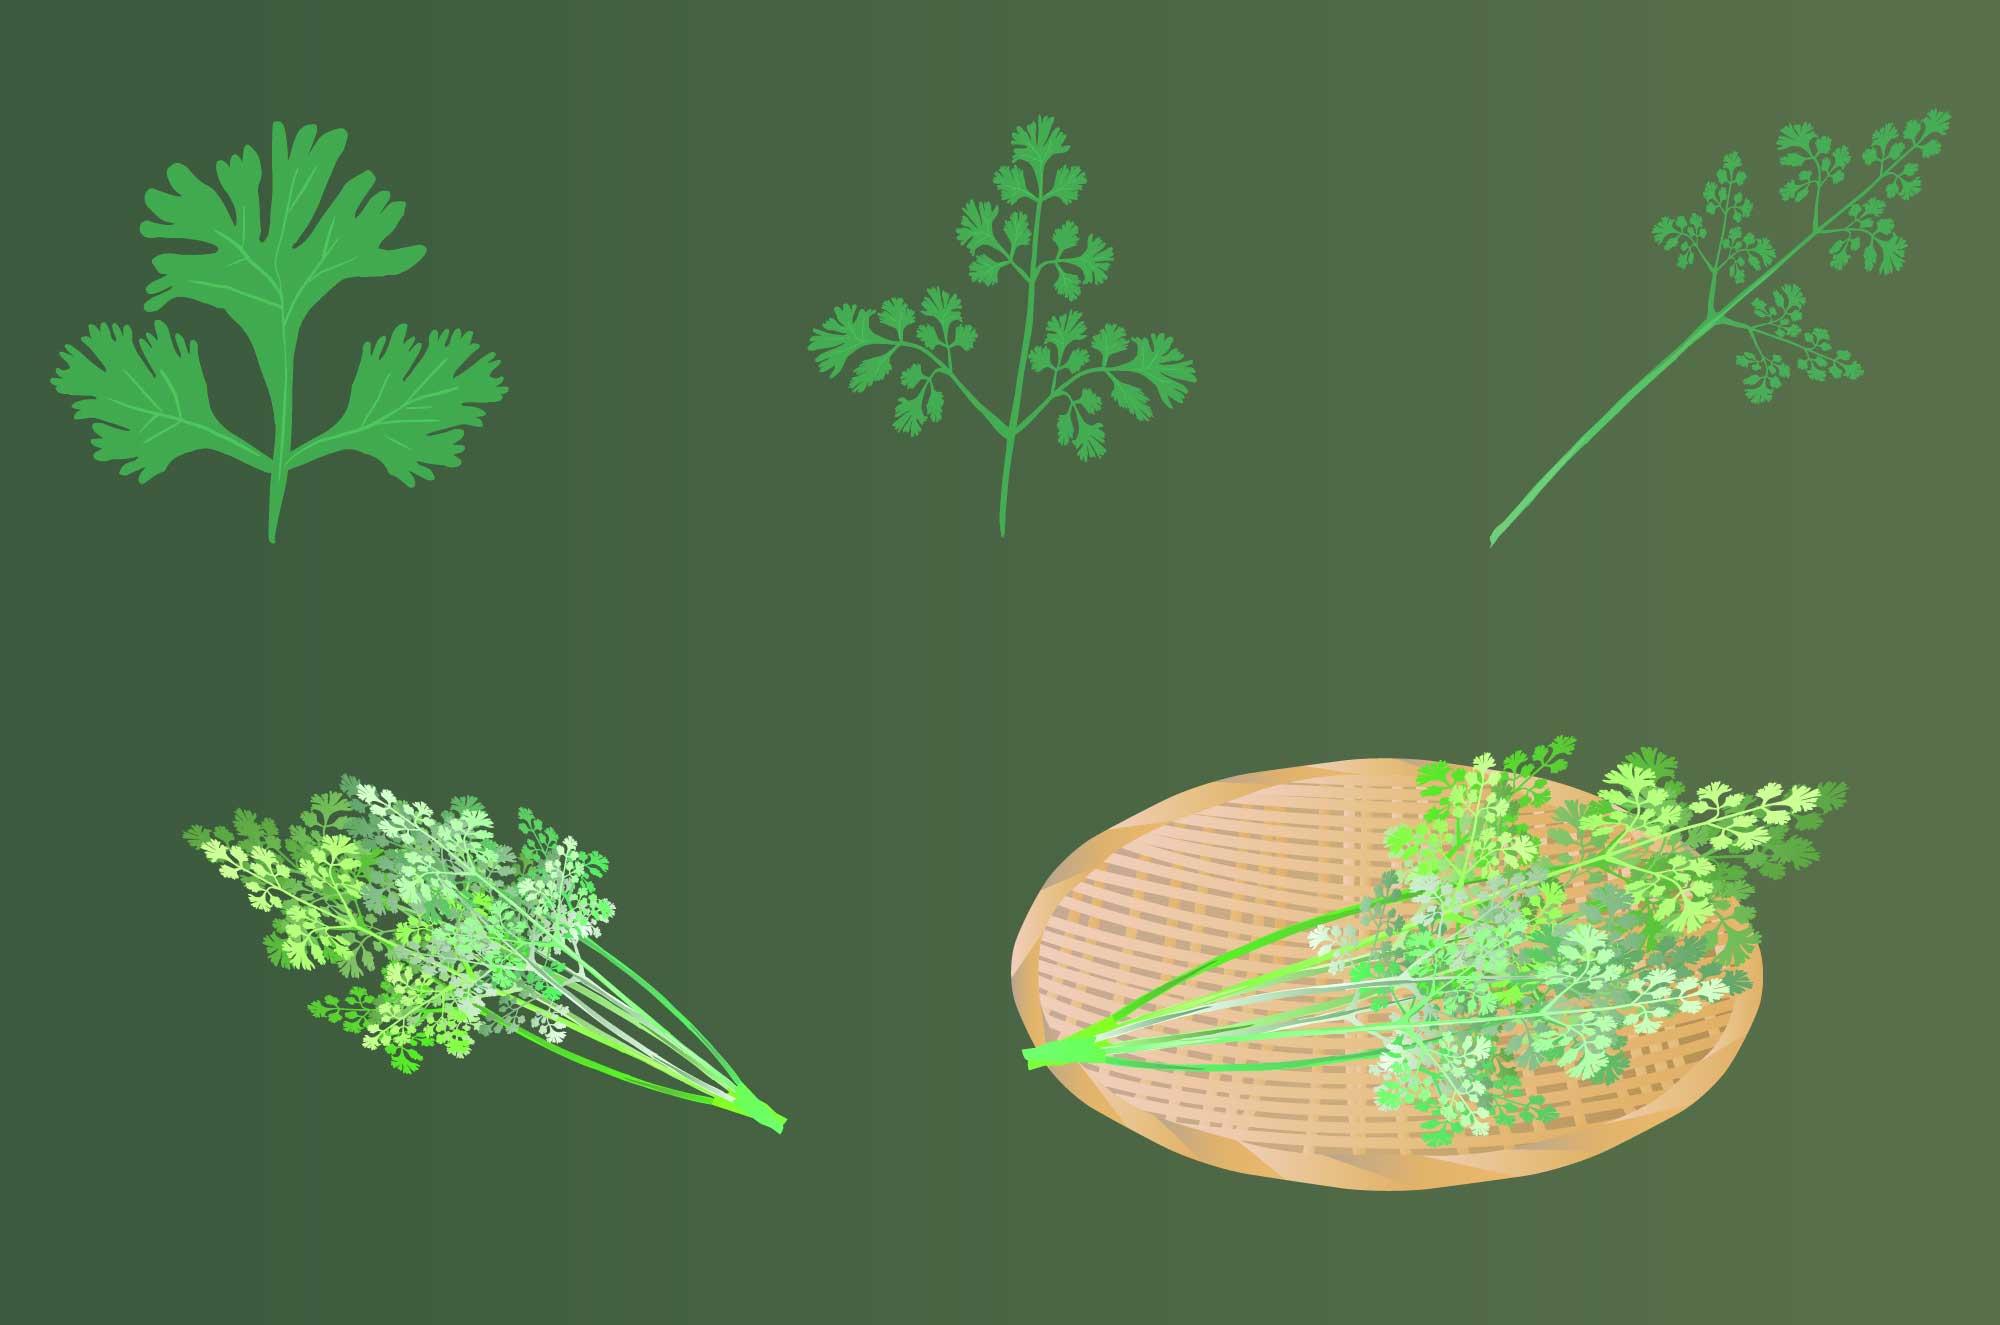 パクチー(コリアンダー)のフリーイラスト - 野菜無料素材